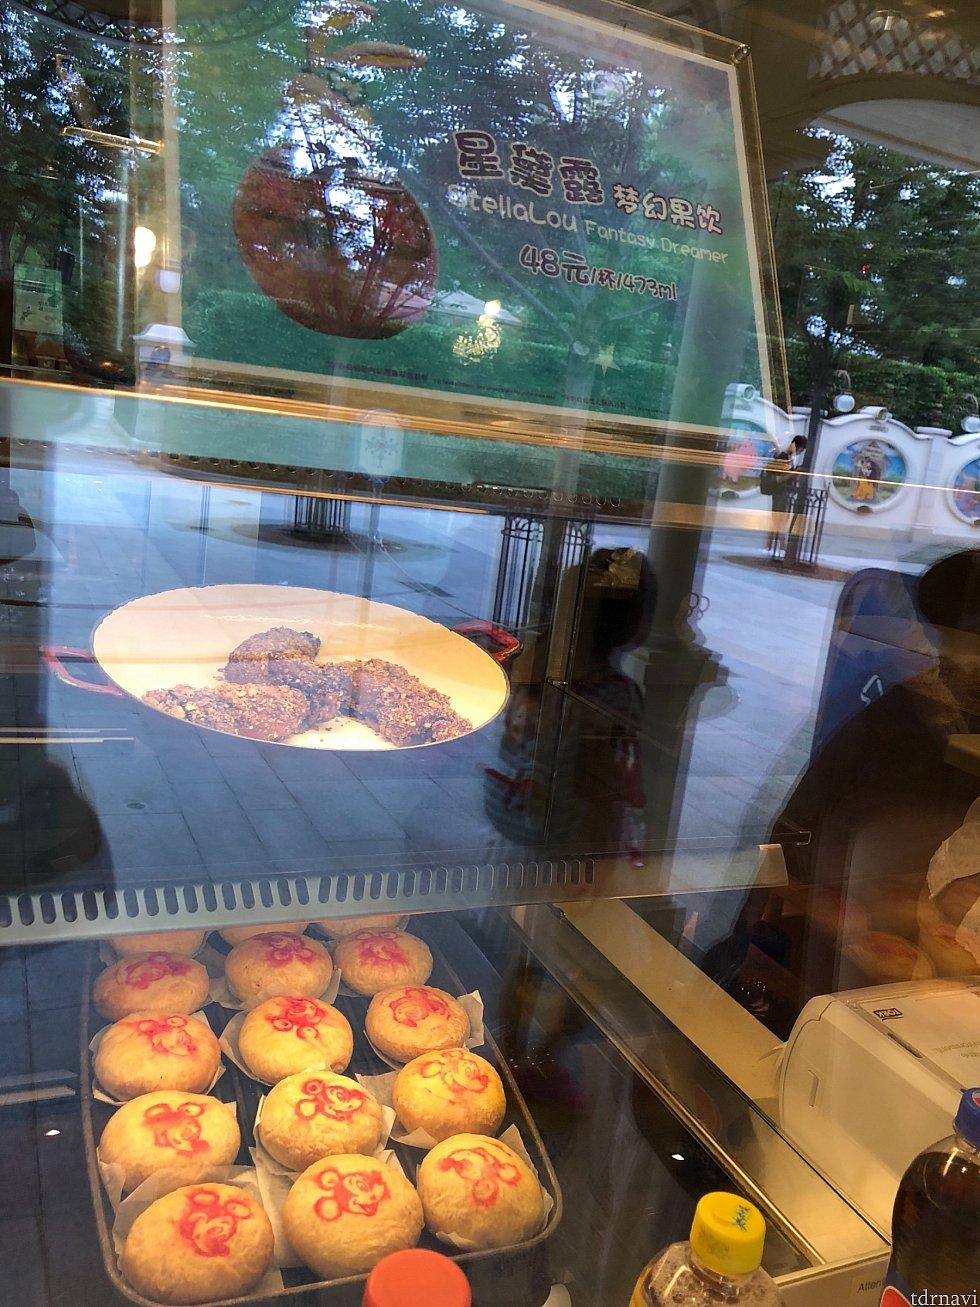 四川風チキンと上海風ミートパイ(中に豚肉が入った月餅)も